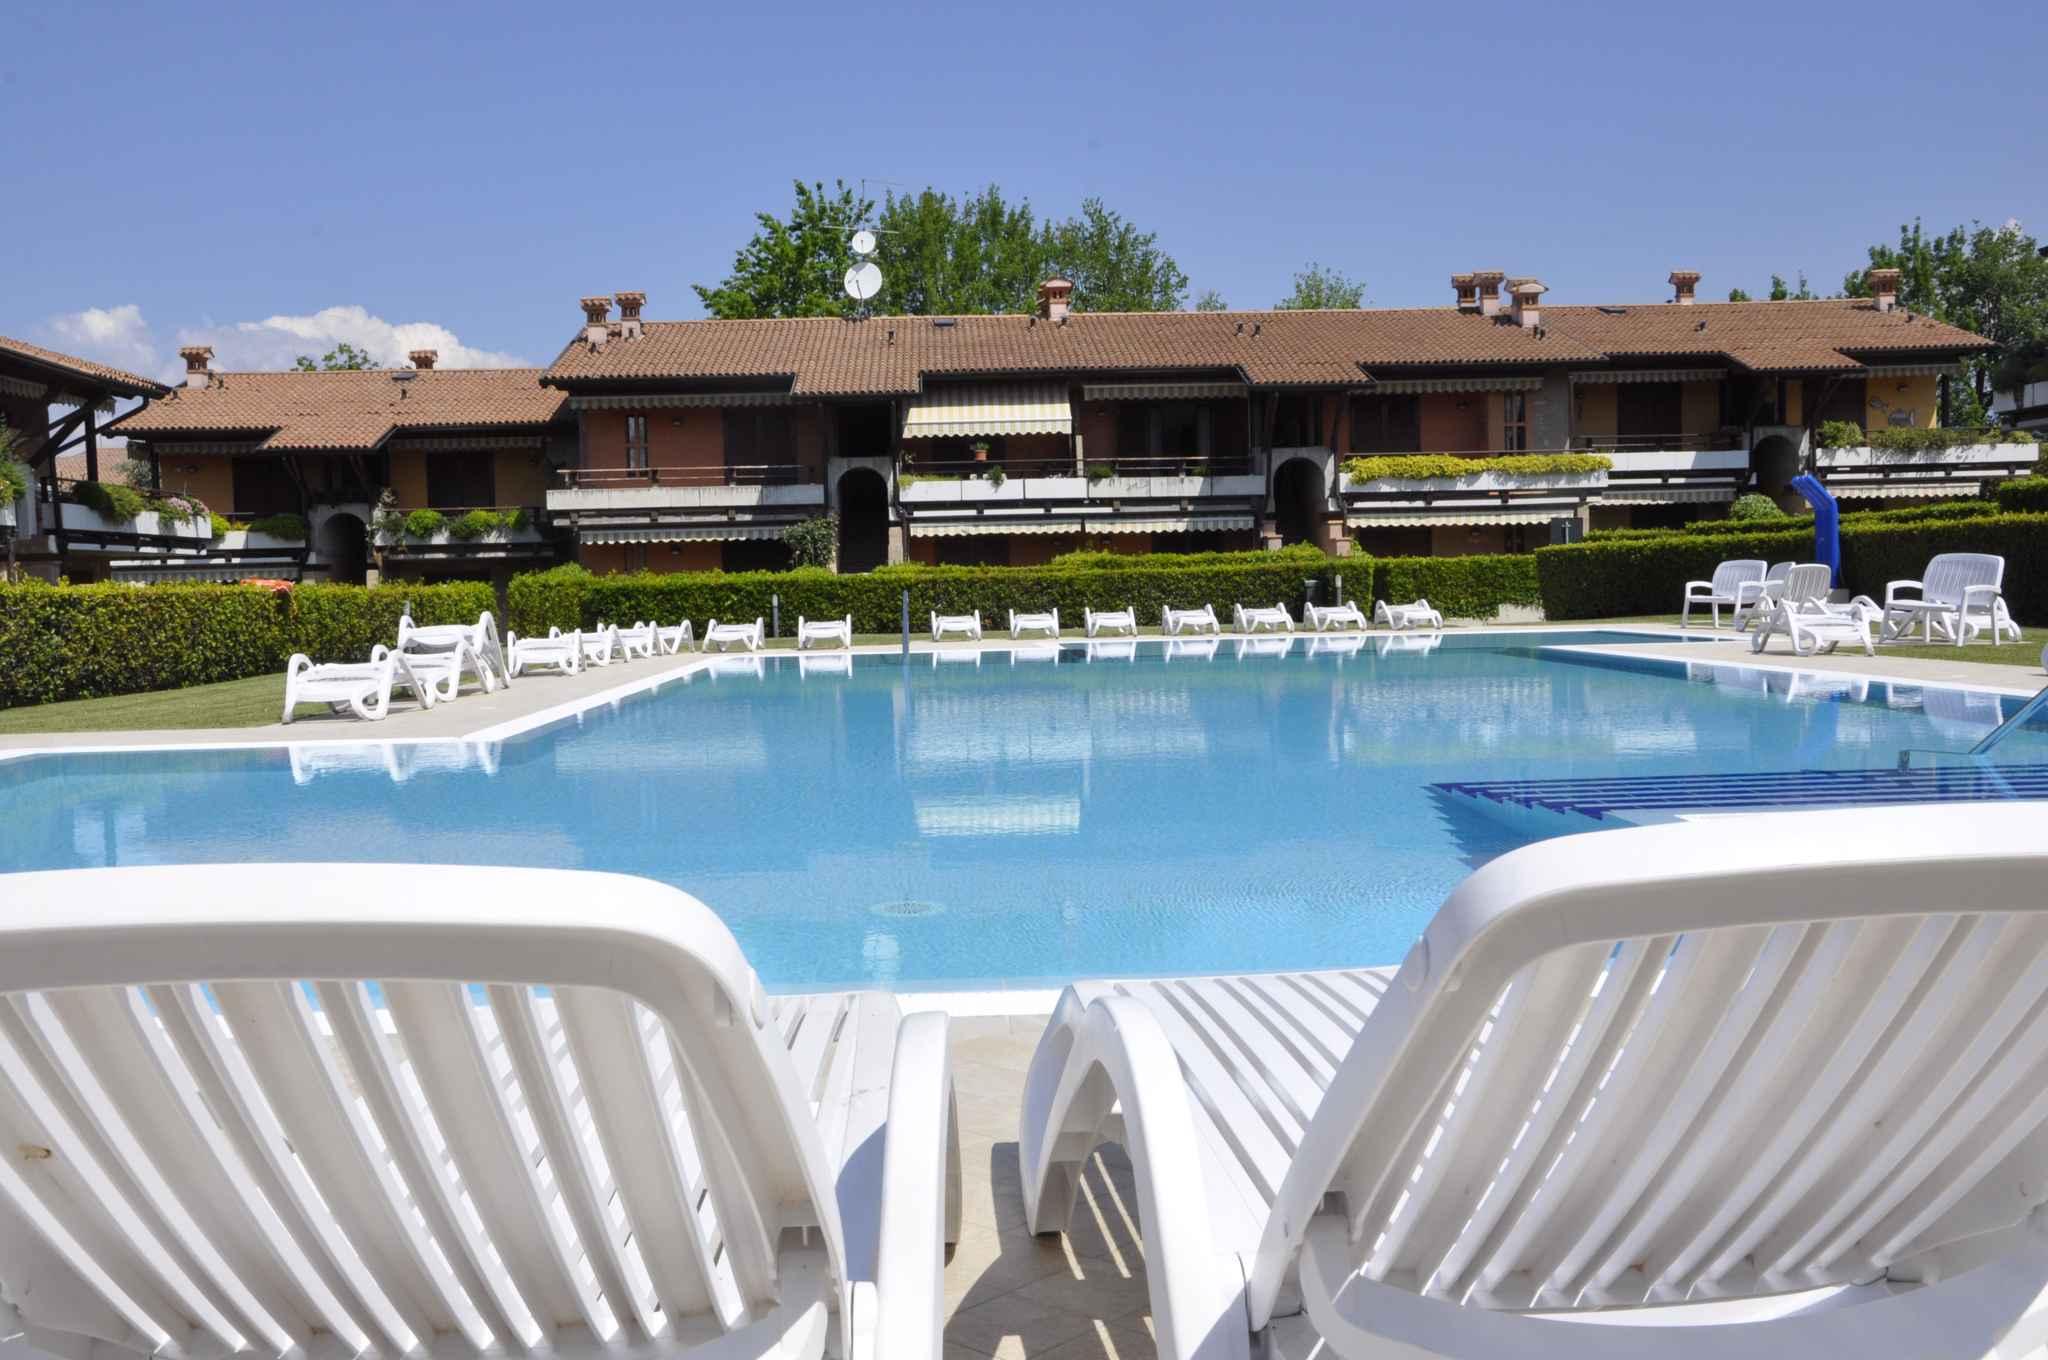 Ferienwohnung con piscina (279580), Lazise, Gardasee, Venetien, Italien, Bild 8